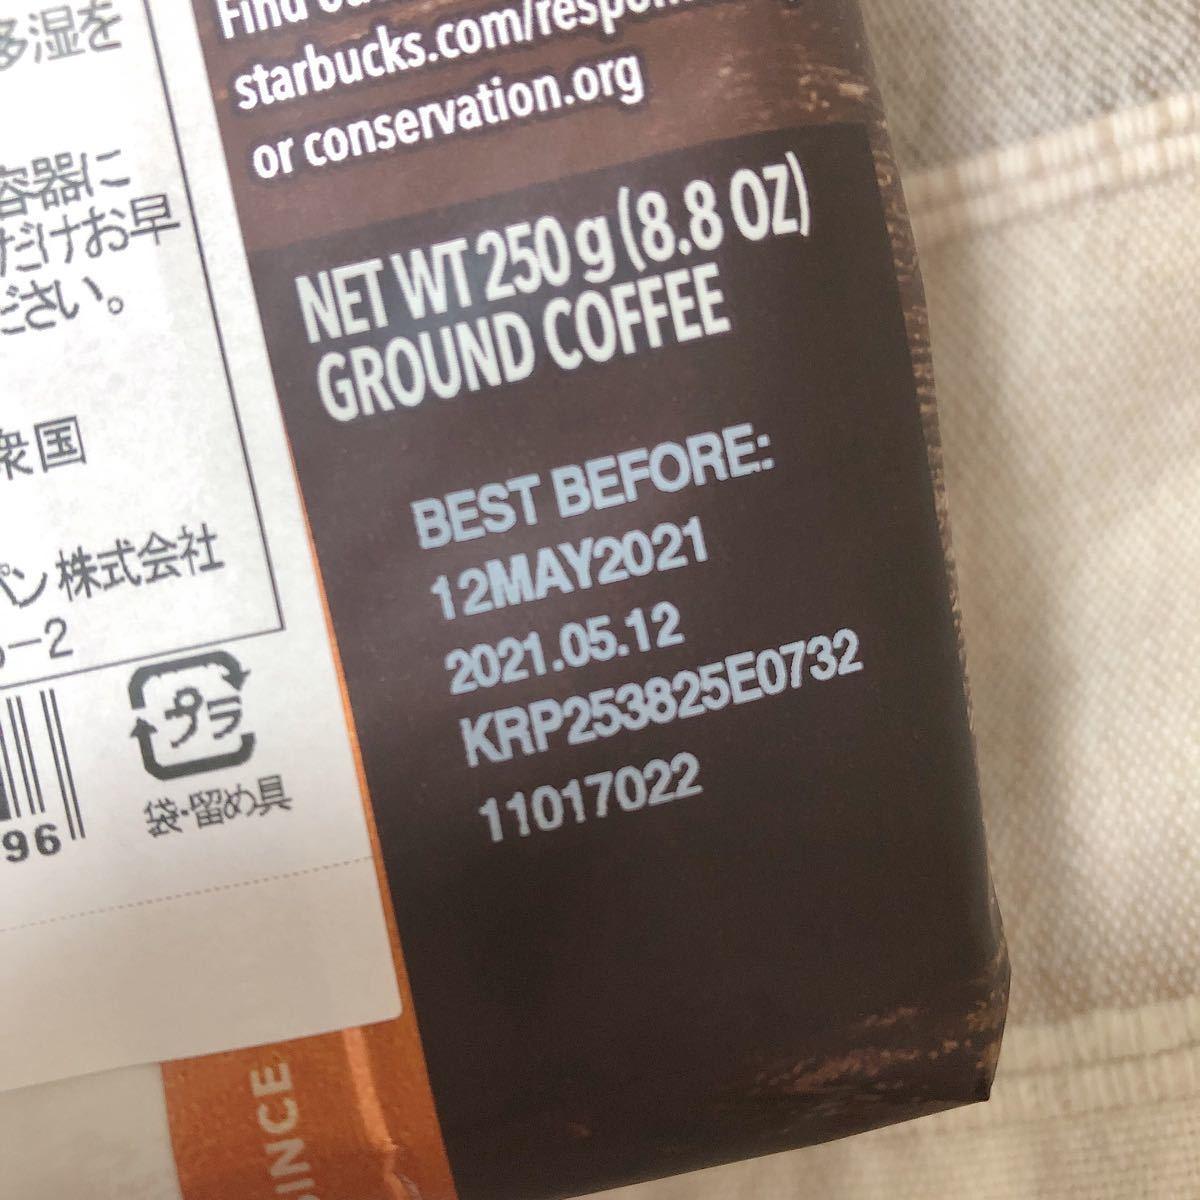 スタバ限定キーホルダー&コーヒー豆 セット